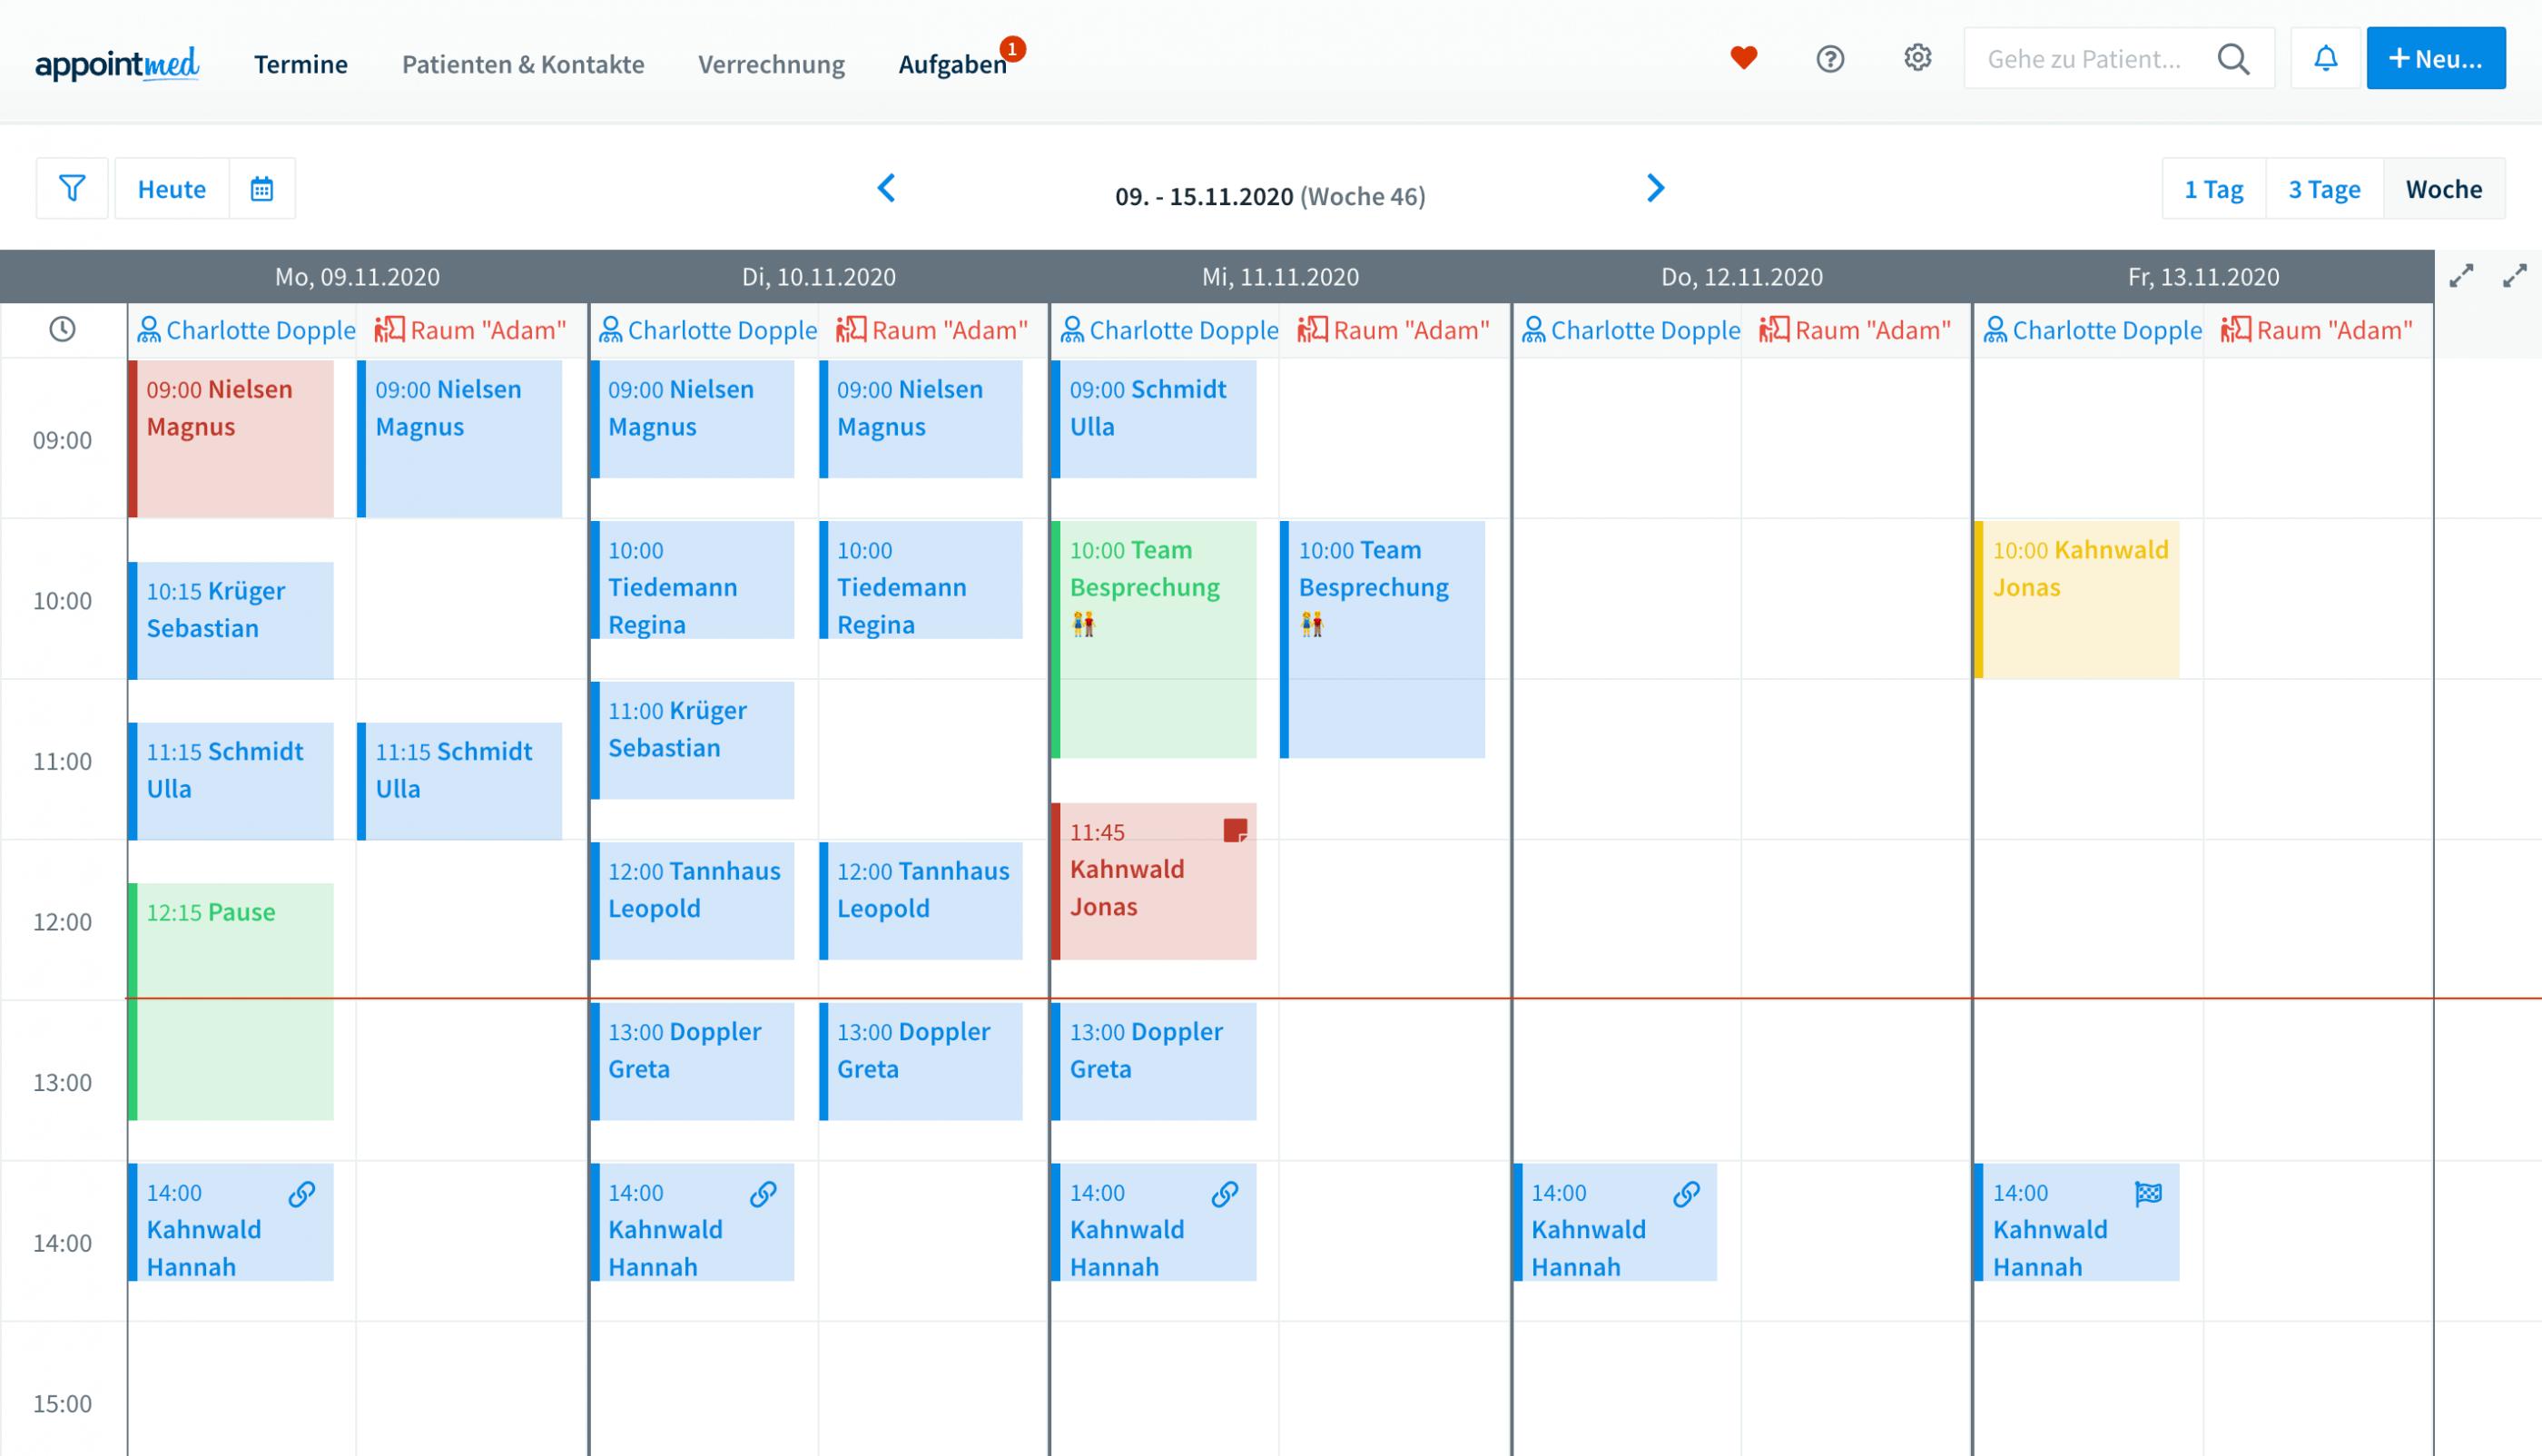 Terminkalender für Heilpraktiker.